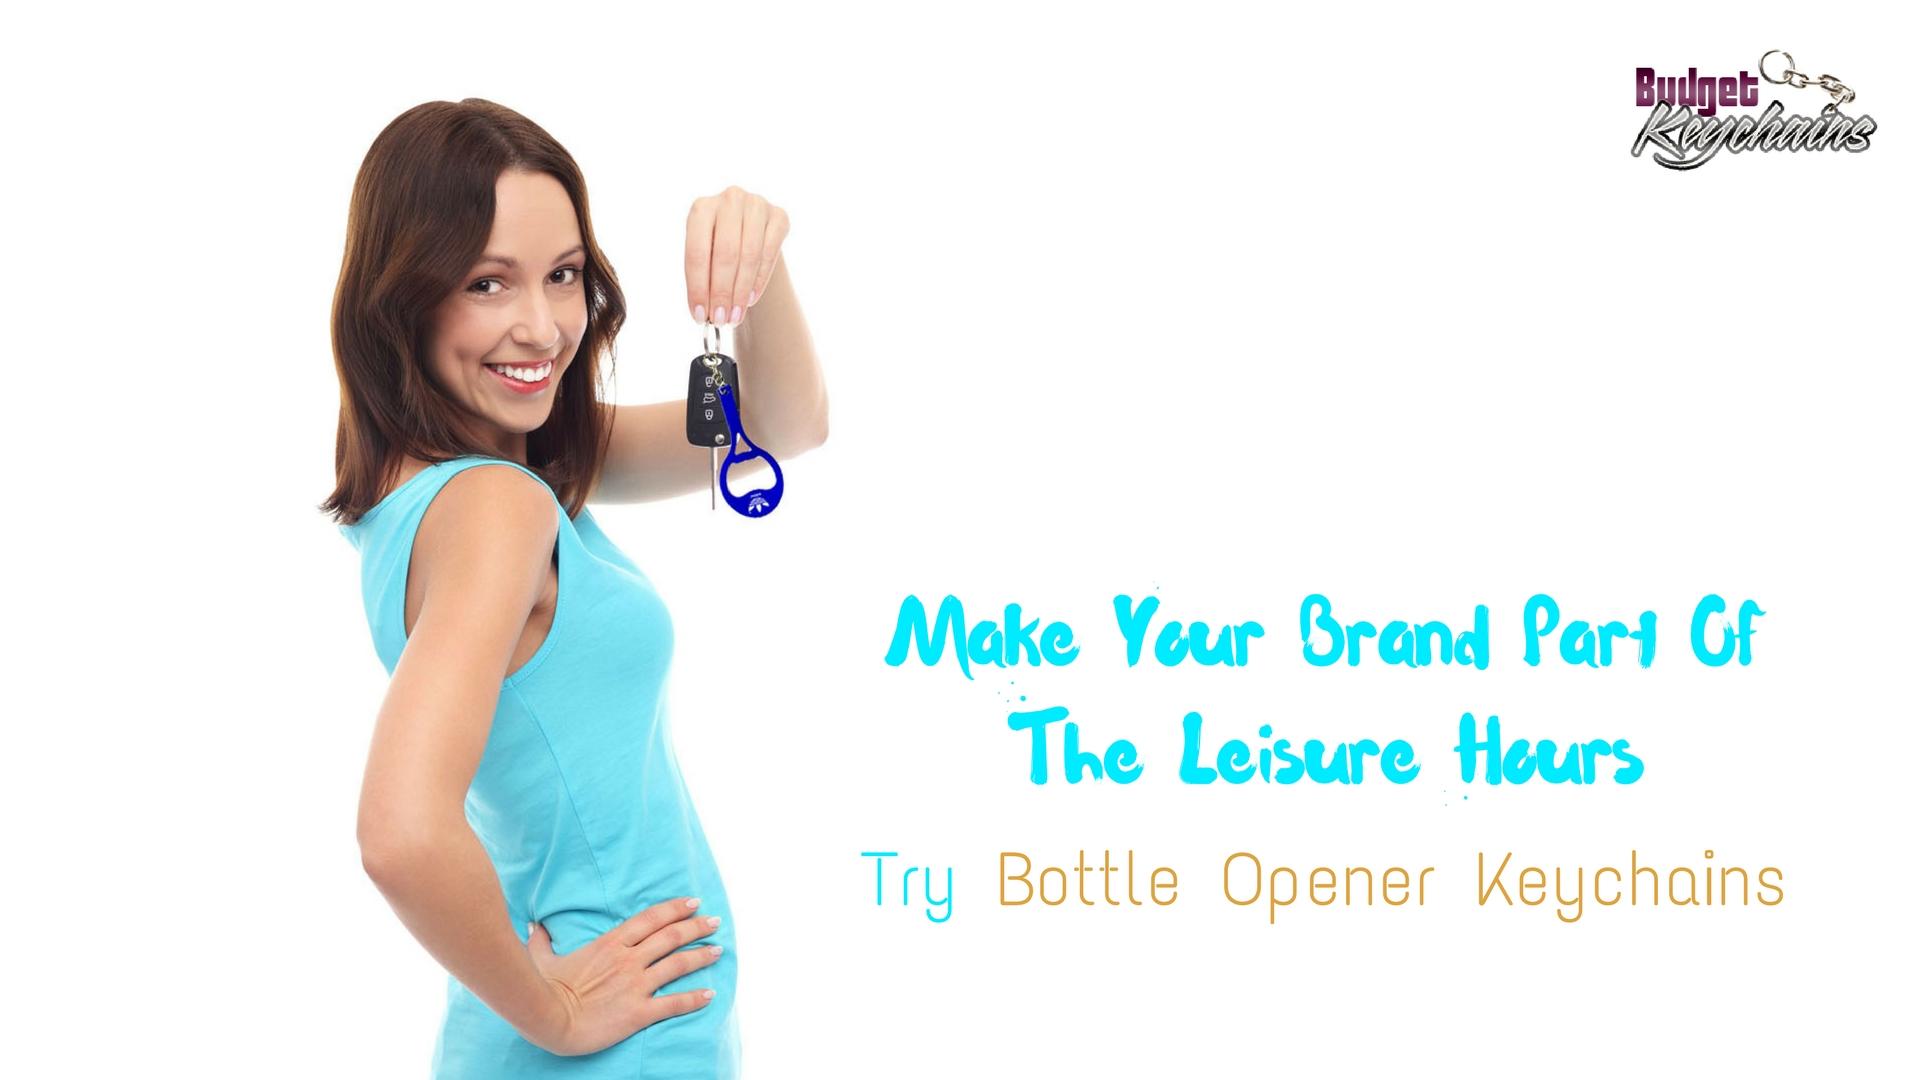 bottle-opener-keychains-branding